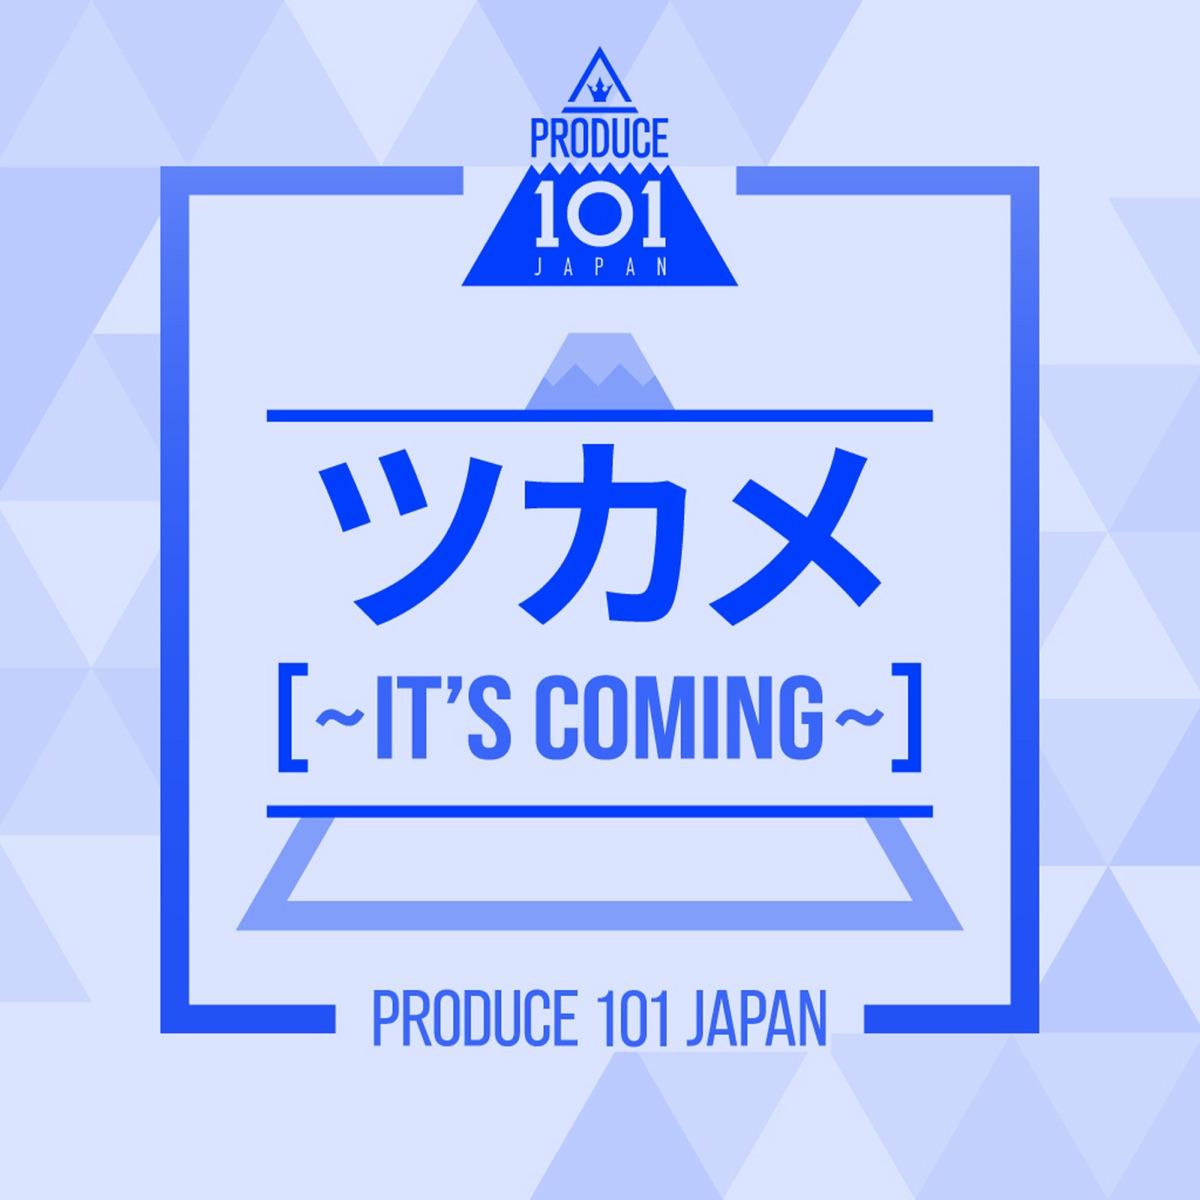 『PRODUCE 101 JAPAN - ツカメ~It's Coming~』収録の『ツカメ~It's Coming~』ジャケット